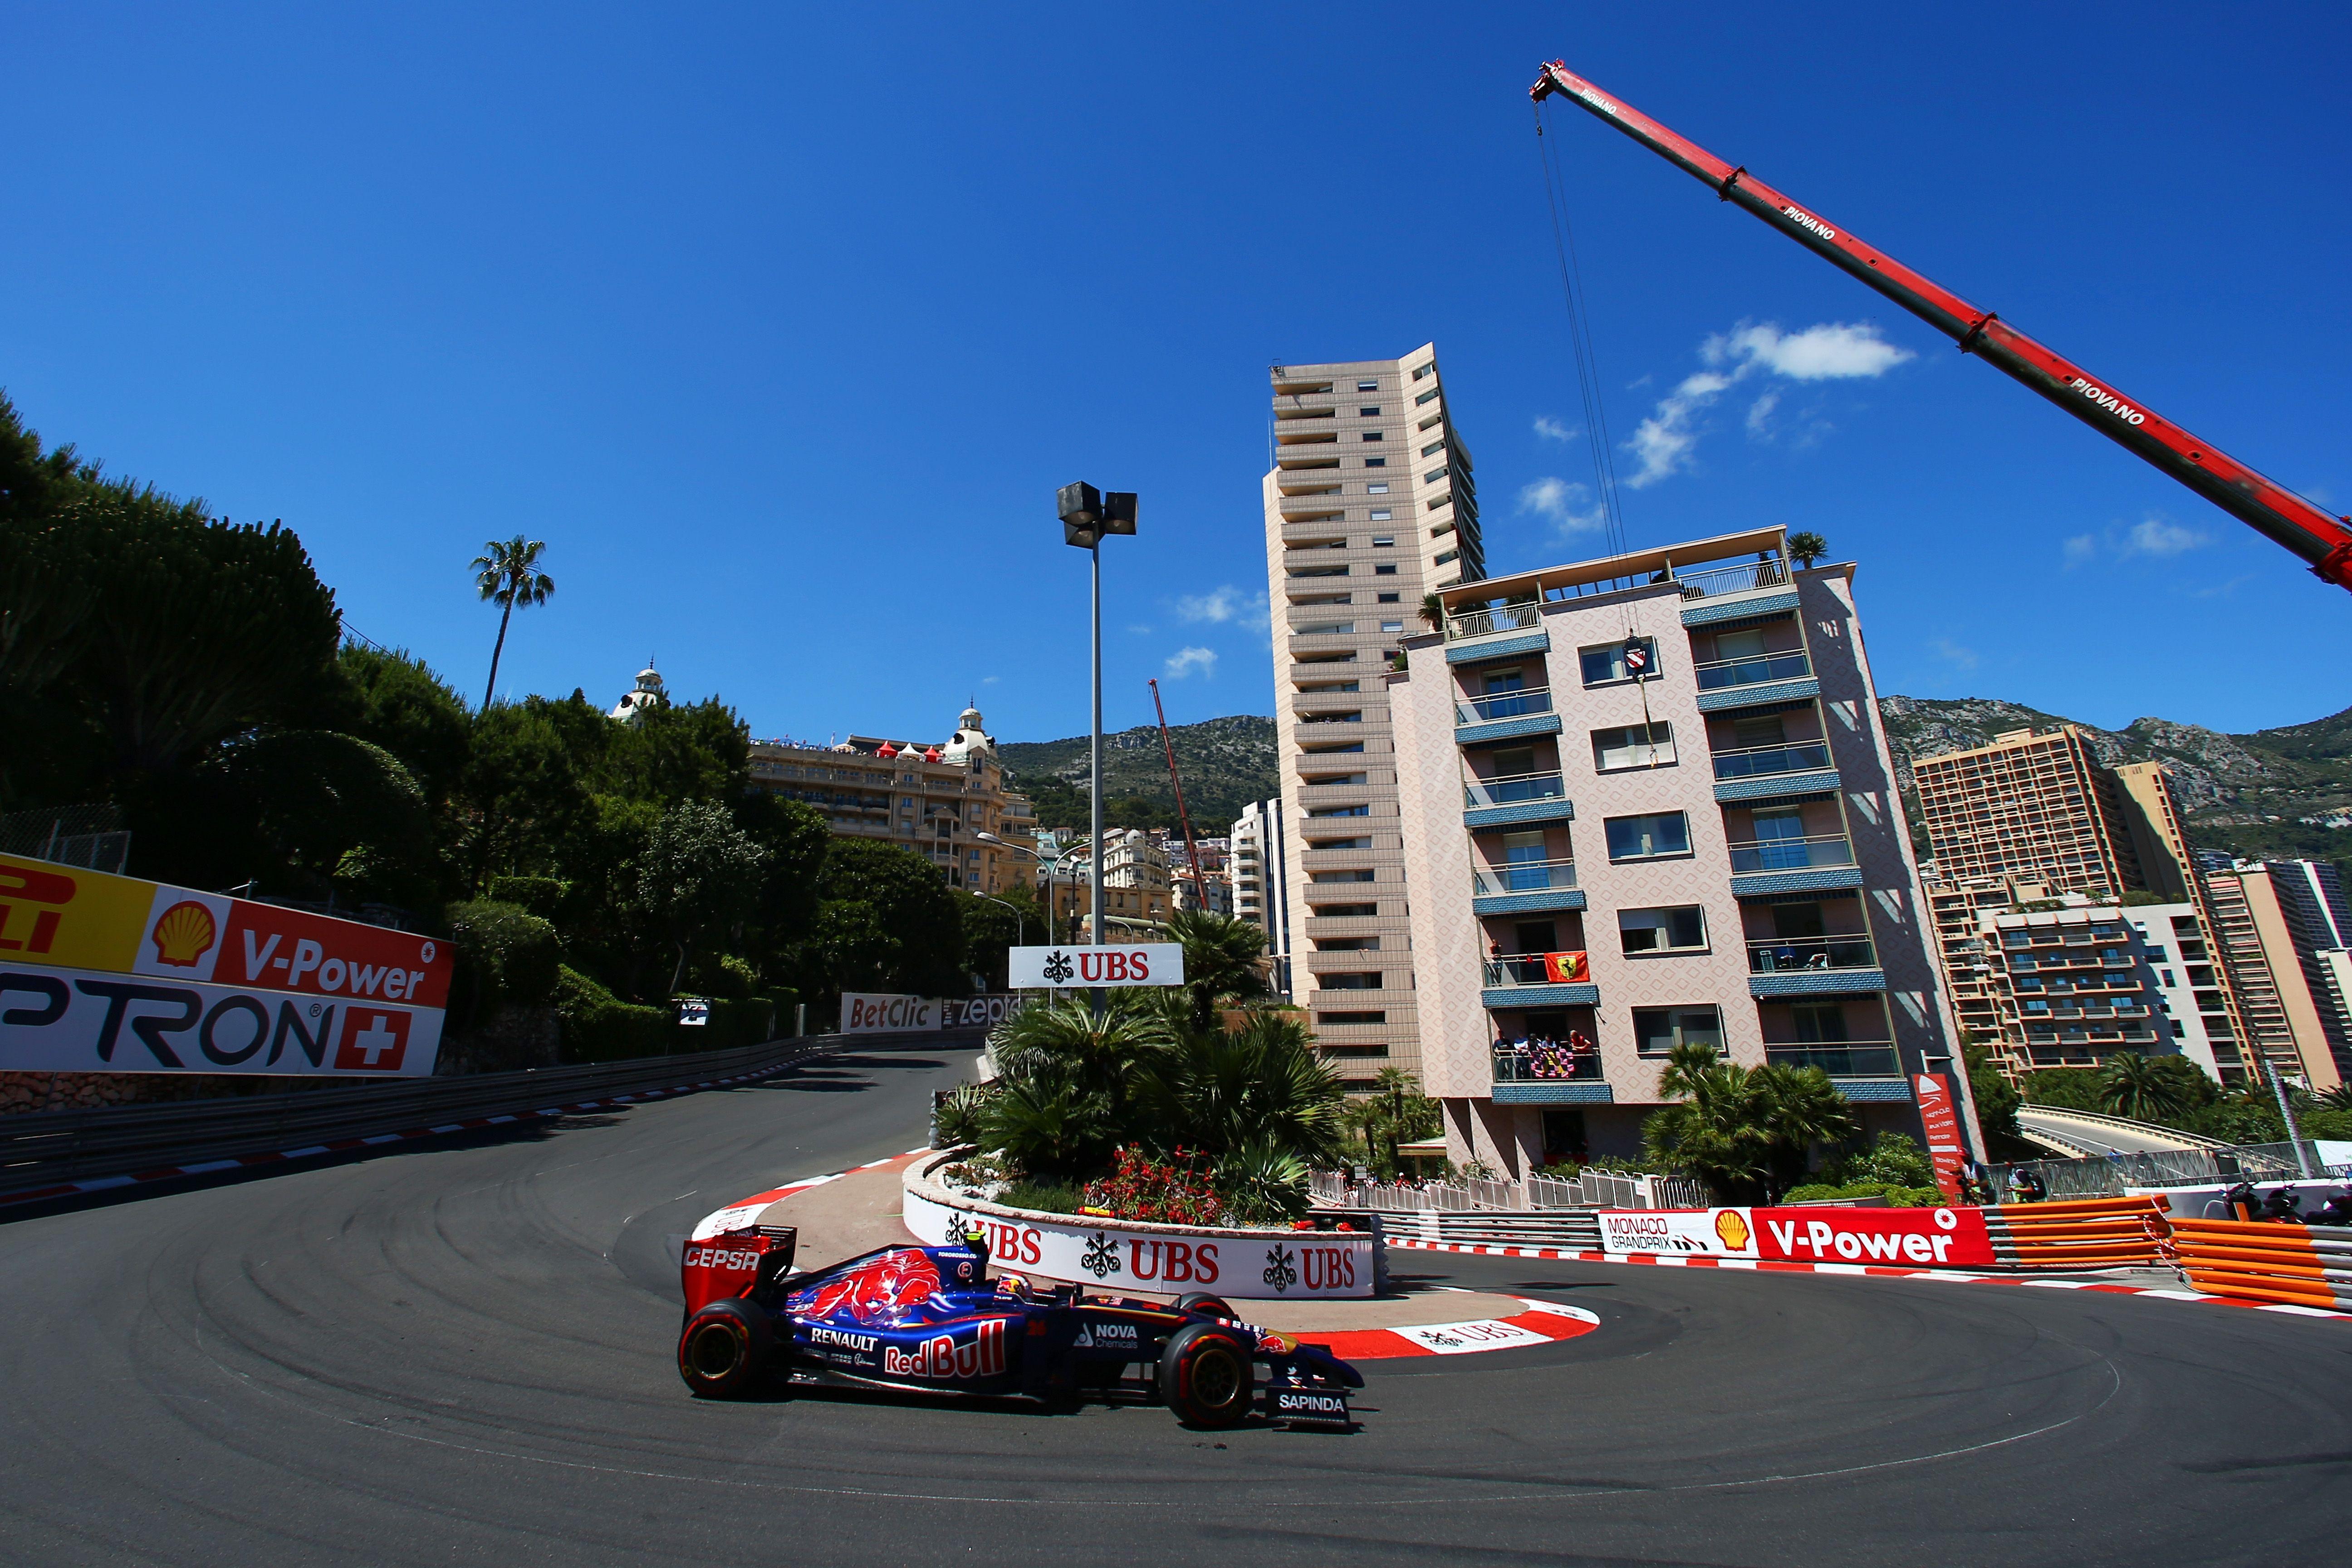 2014 Chinese Grand Prix, Shanghai, China #STR9 #GOTOROROSSO #CHINESEGP #F1